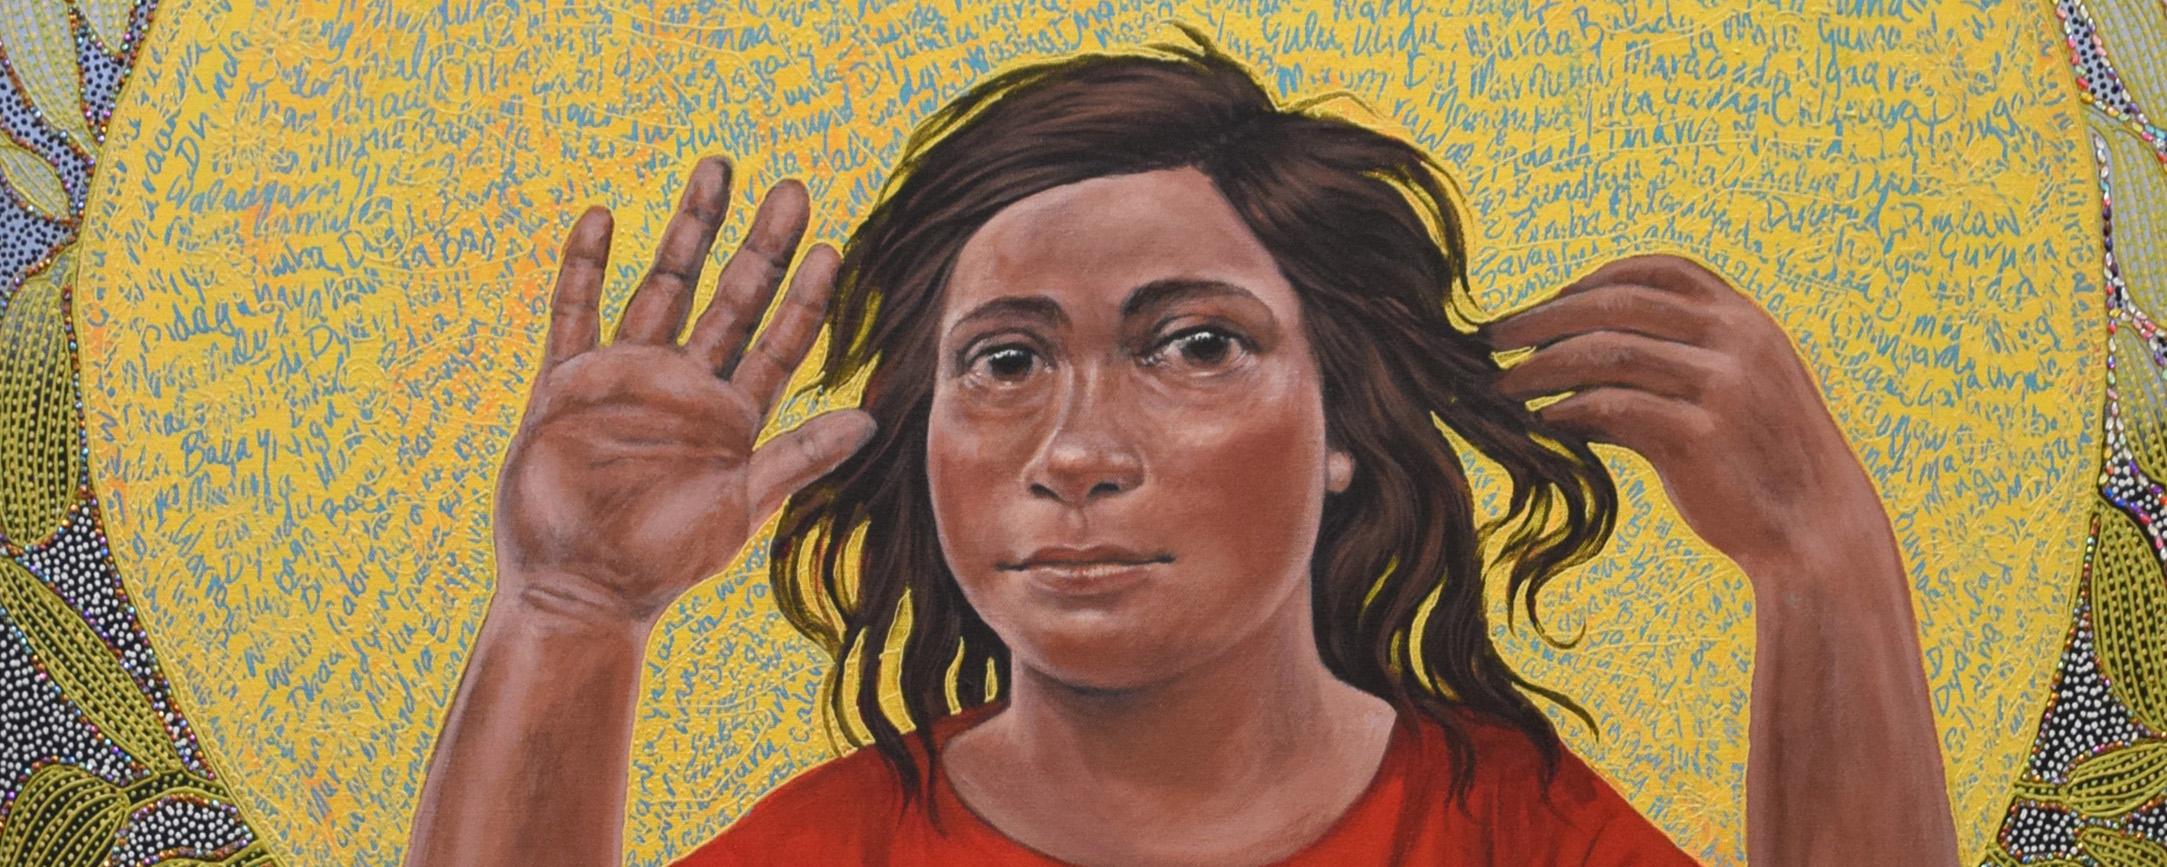 WB_Julie Dowling, Mardubaya Irra (growing language), 2018, acrylic, red ochre, plastic on canvas, 119 x 89 cm.jpg